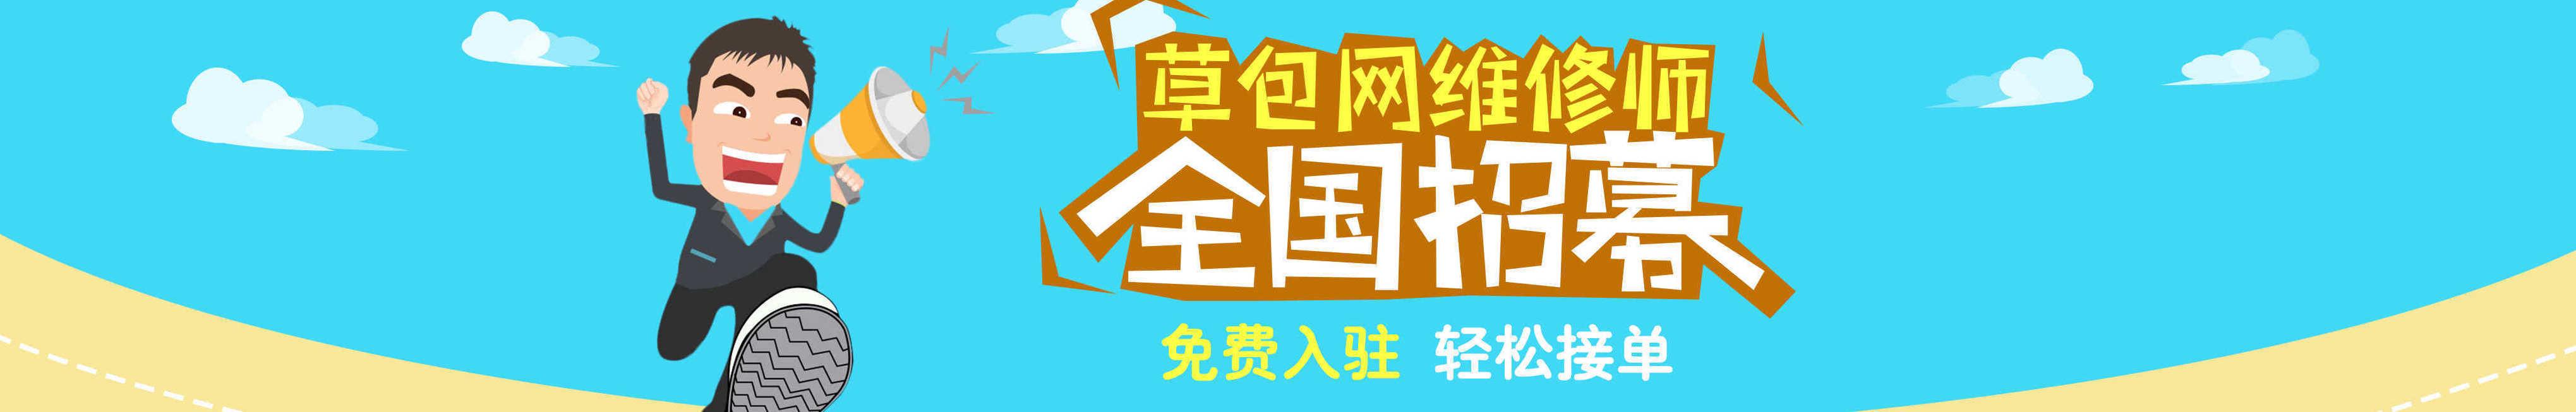 草包网络科技维修教程 banner